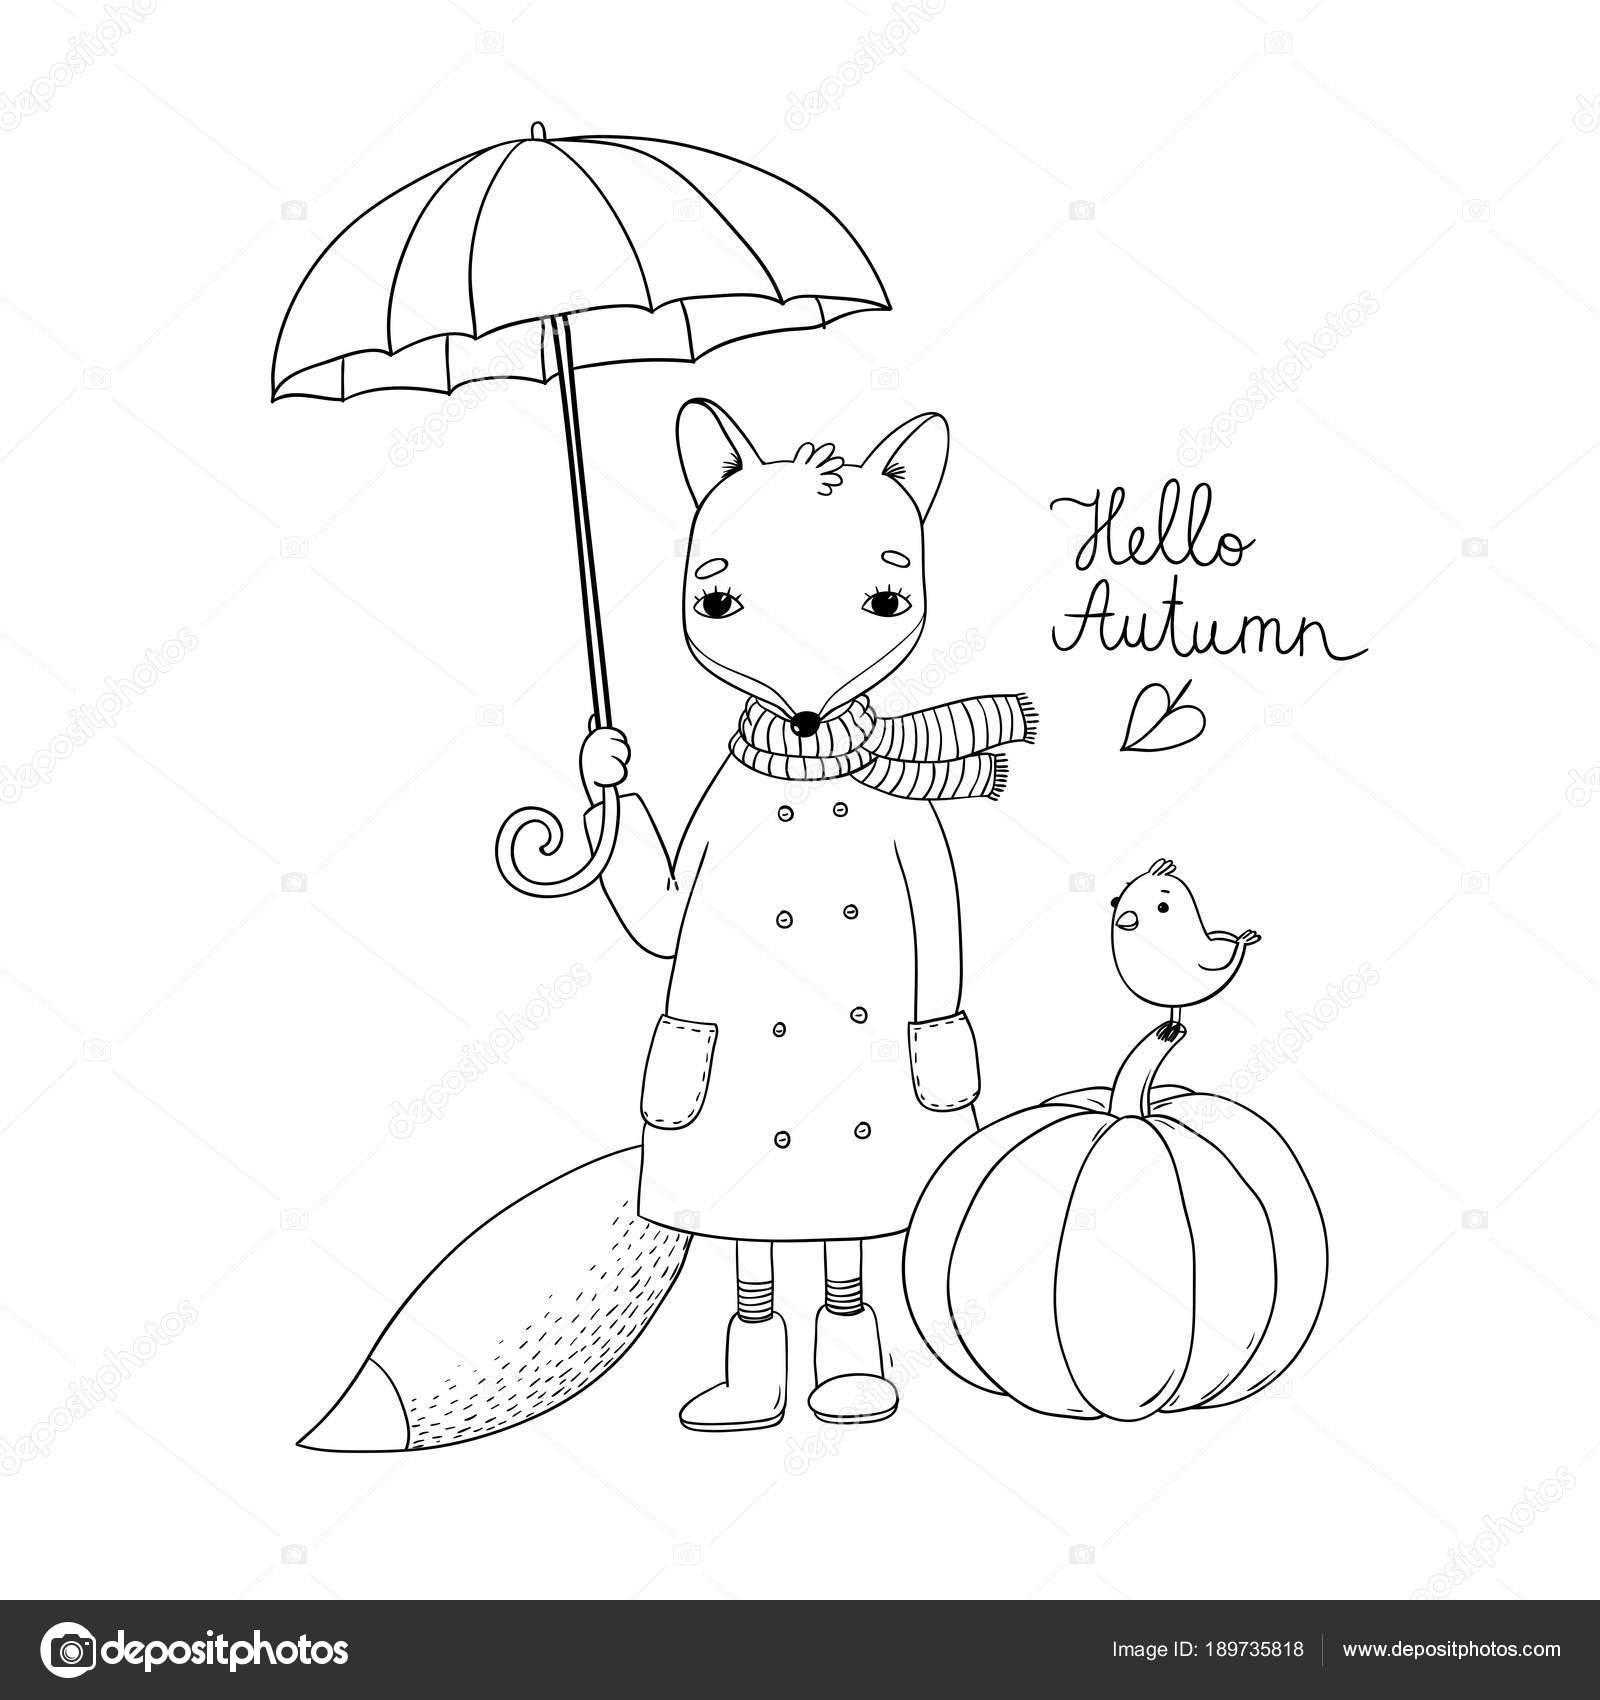 Dessin animé mignon fox sous un parapluie et un petit oiseau sur une citrouille illustration de stock